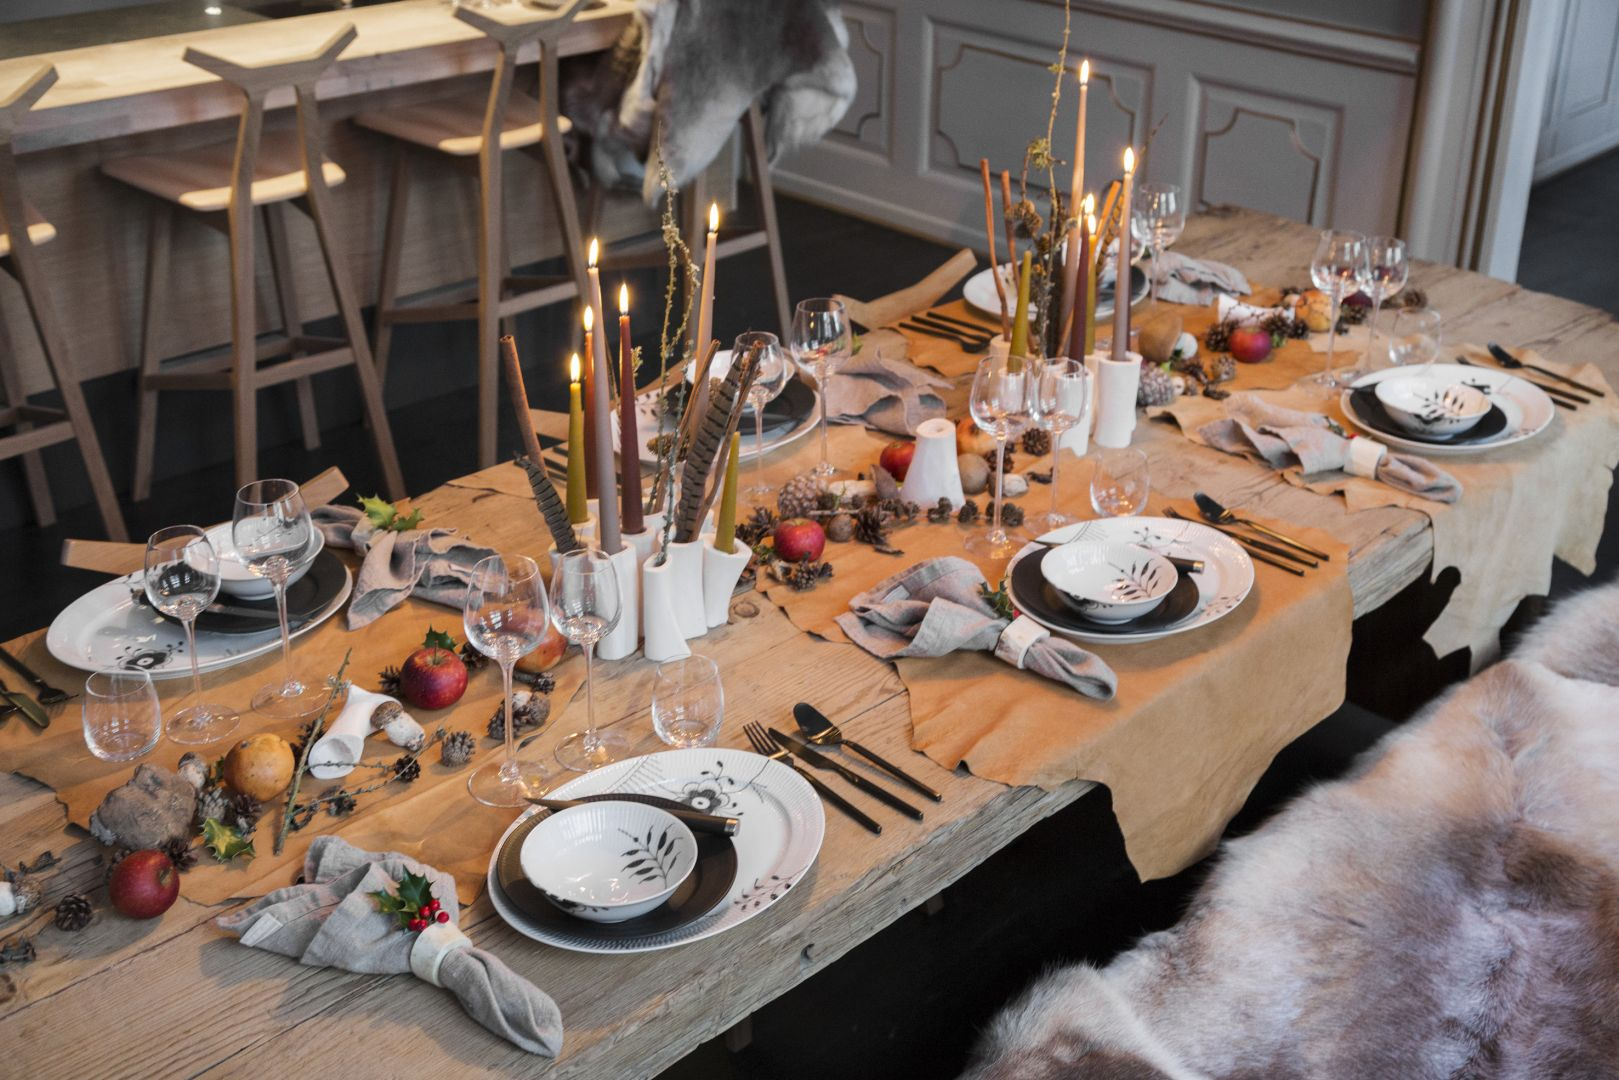 Aranżację stołu można zaprezentować także w klimacie góralskim. Świetnie sprawdzą się wówczas owcze skóry i dekoracje z suszonych owoców. Fot. Royal Copenhagen. Projekt aranżacji: Thomas Rode.